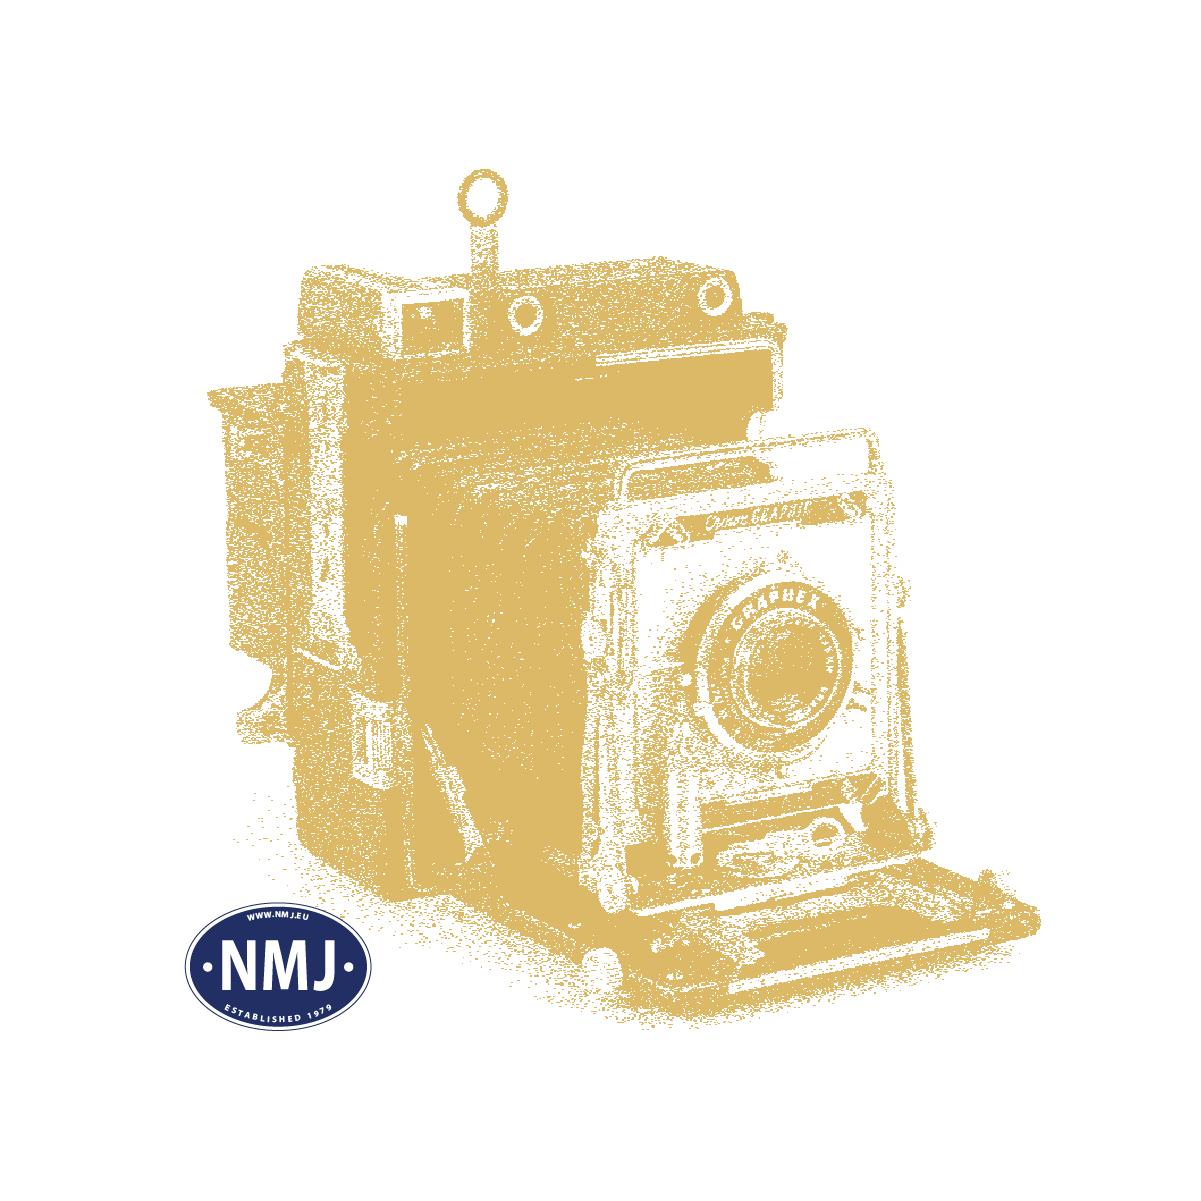 NMJT83.411 - NMJ Topline JBV SKD224.220, rot/gelb, DCC Digital